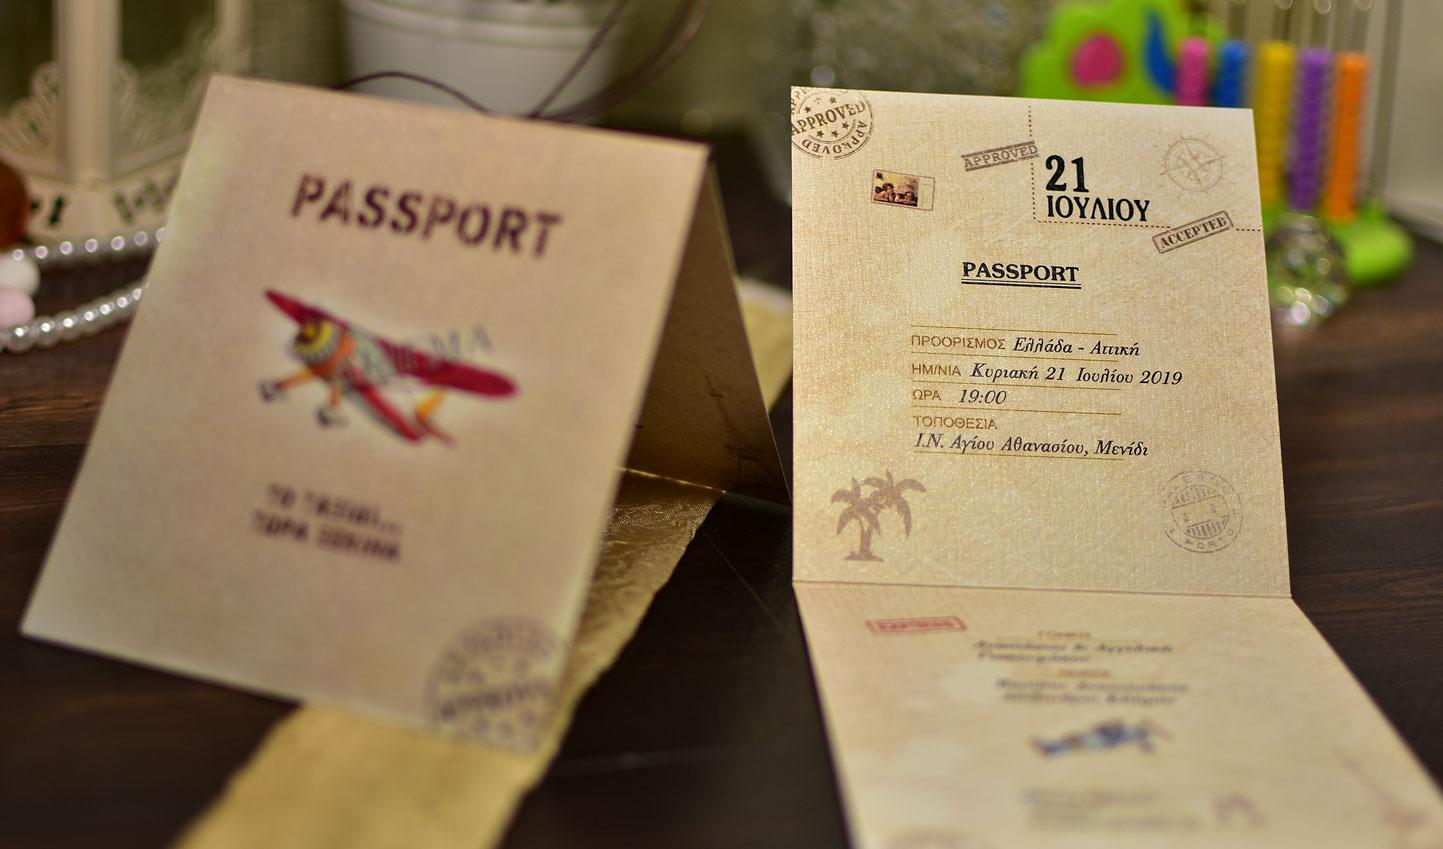 Προσκλητηριο Βαπτισης Διαβατήριο